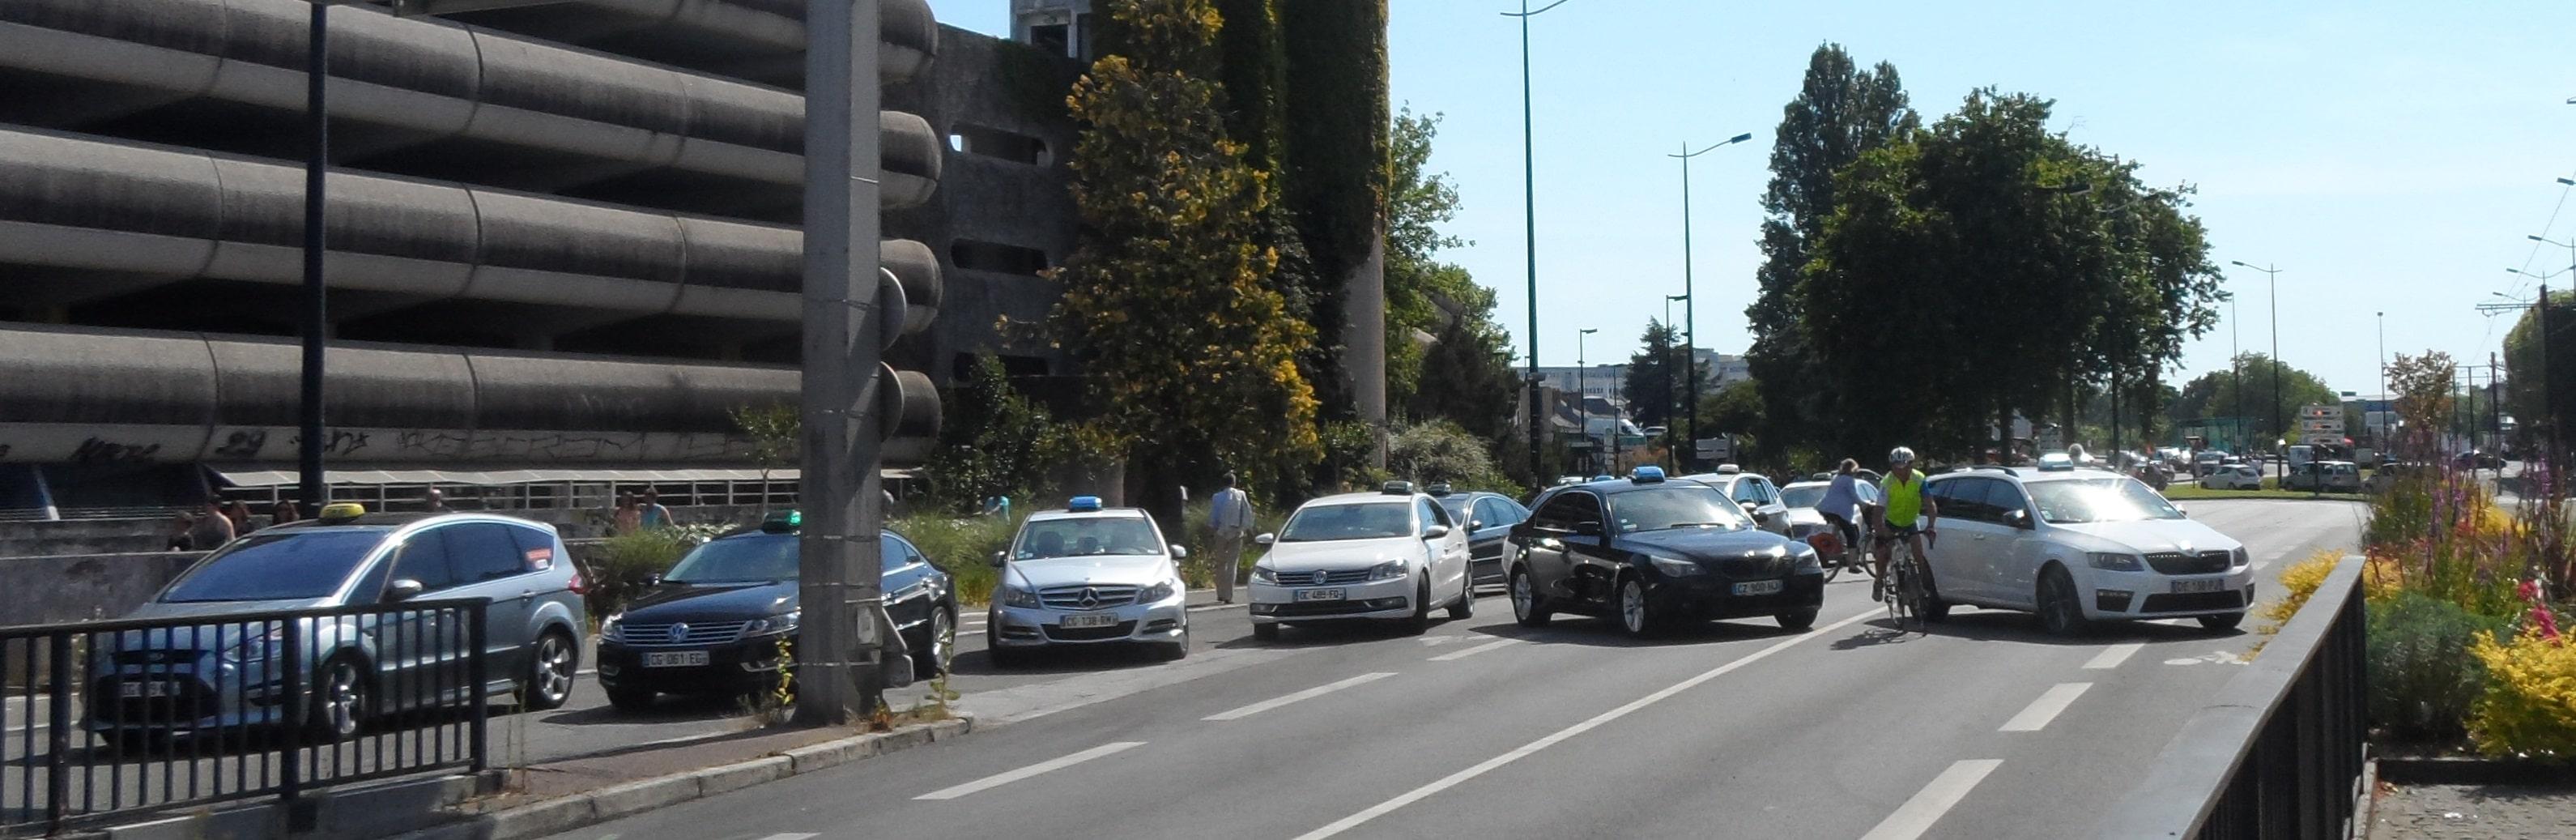 Les taxis perturbent lourdement la circulation à Nantes